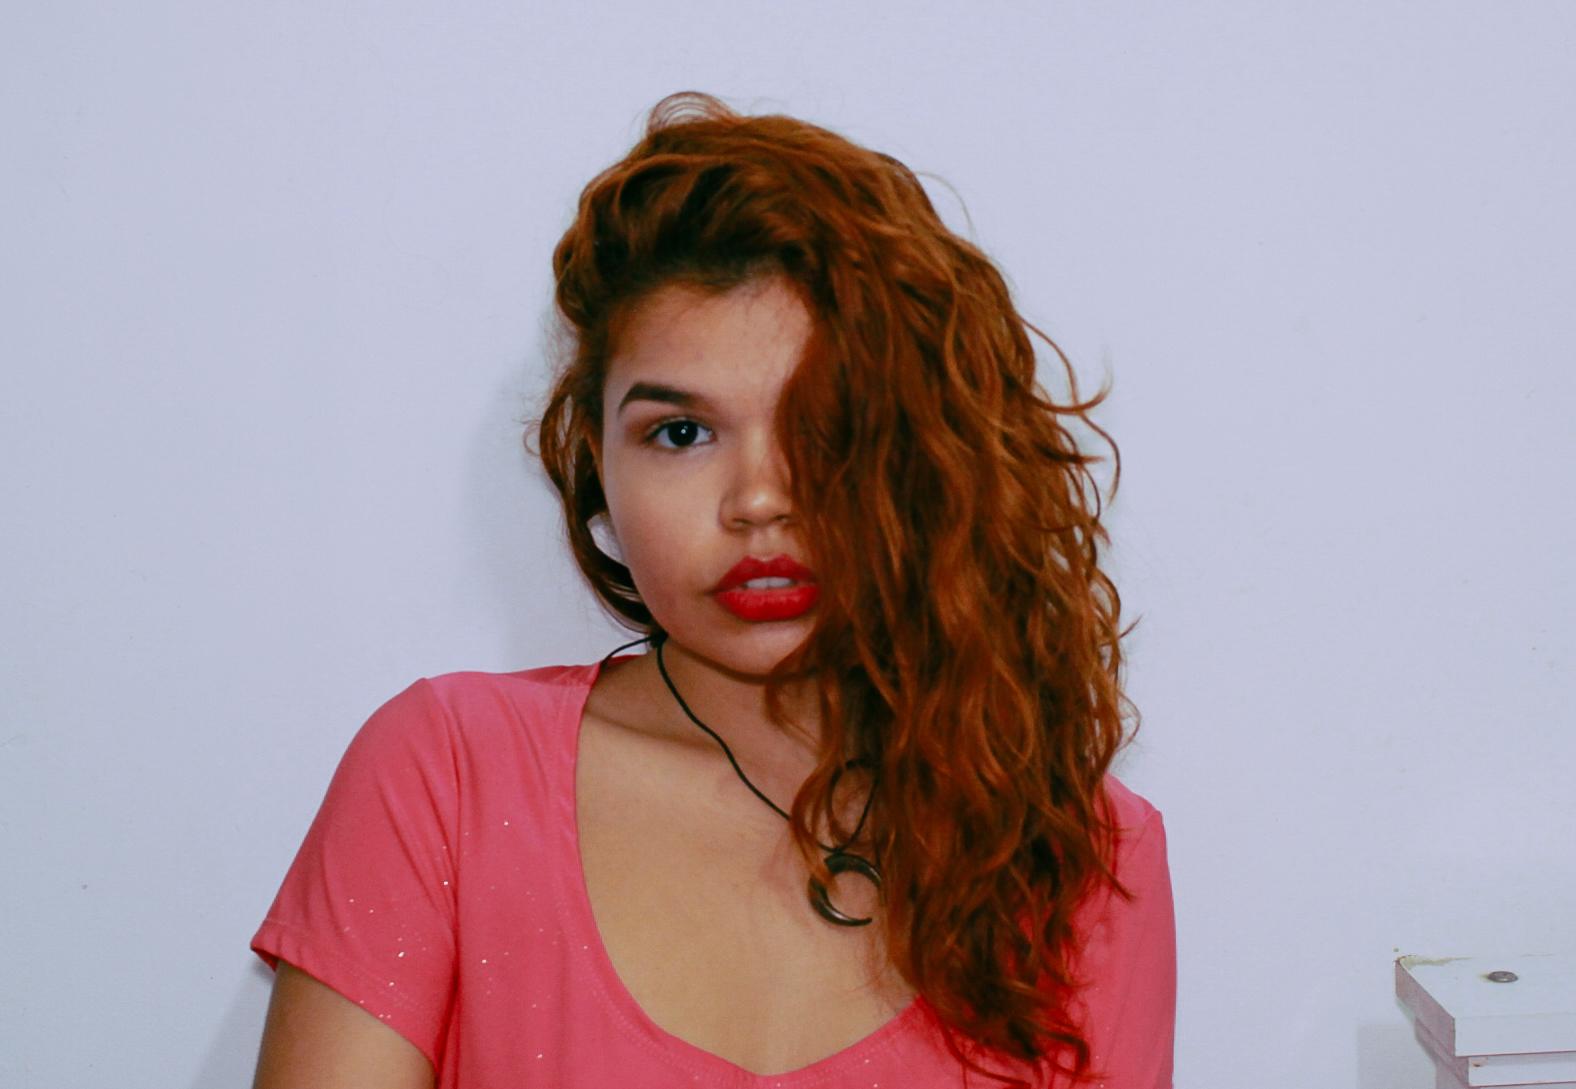 cabelo ondulado, creme para cabelo ondulado, cuidados com cabelo ondulado, Resenha linha Maria Molinha, resenha shampoo em espuma Aspa, gelatina mix aspa, creme de pentear 1kg, linha para cacheadas aspa